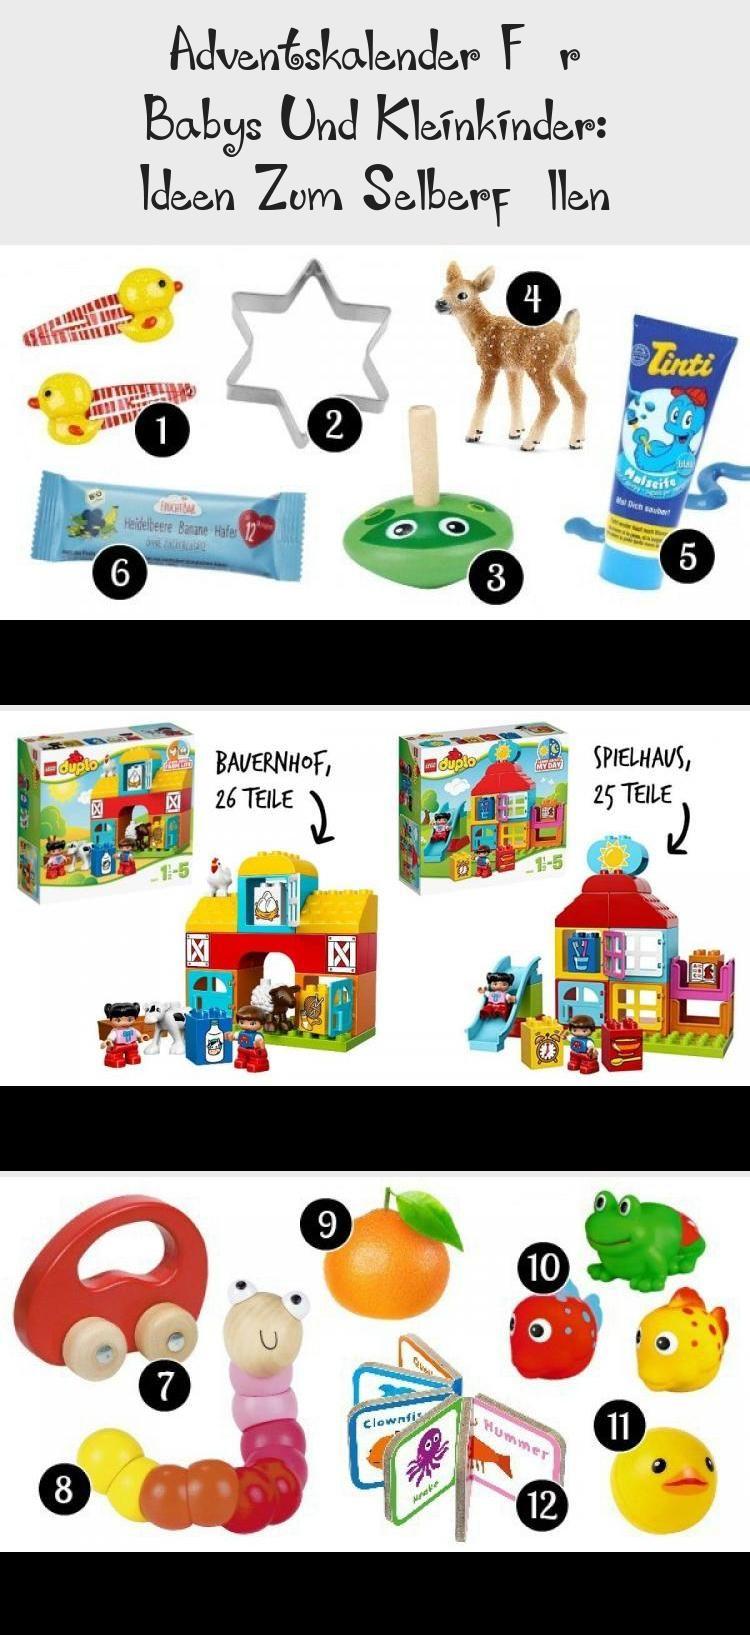 Adventskalender für Babys und Kleinkinder: Ideen zum Selberfüllen #Stauraumide…